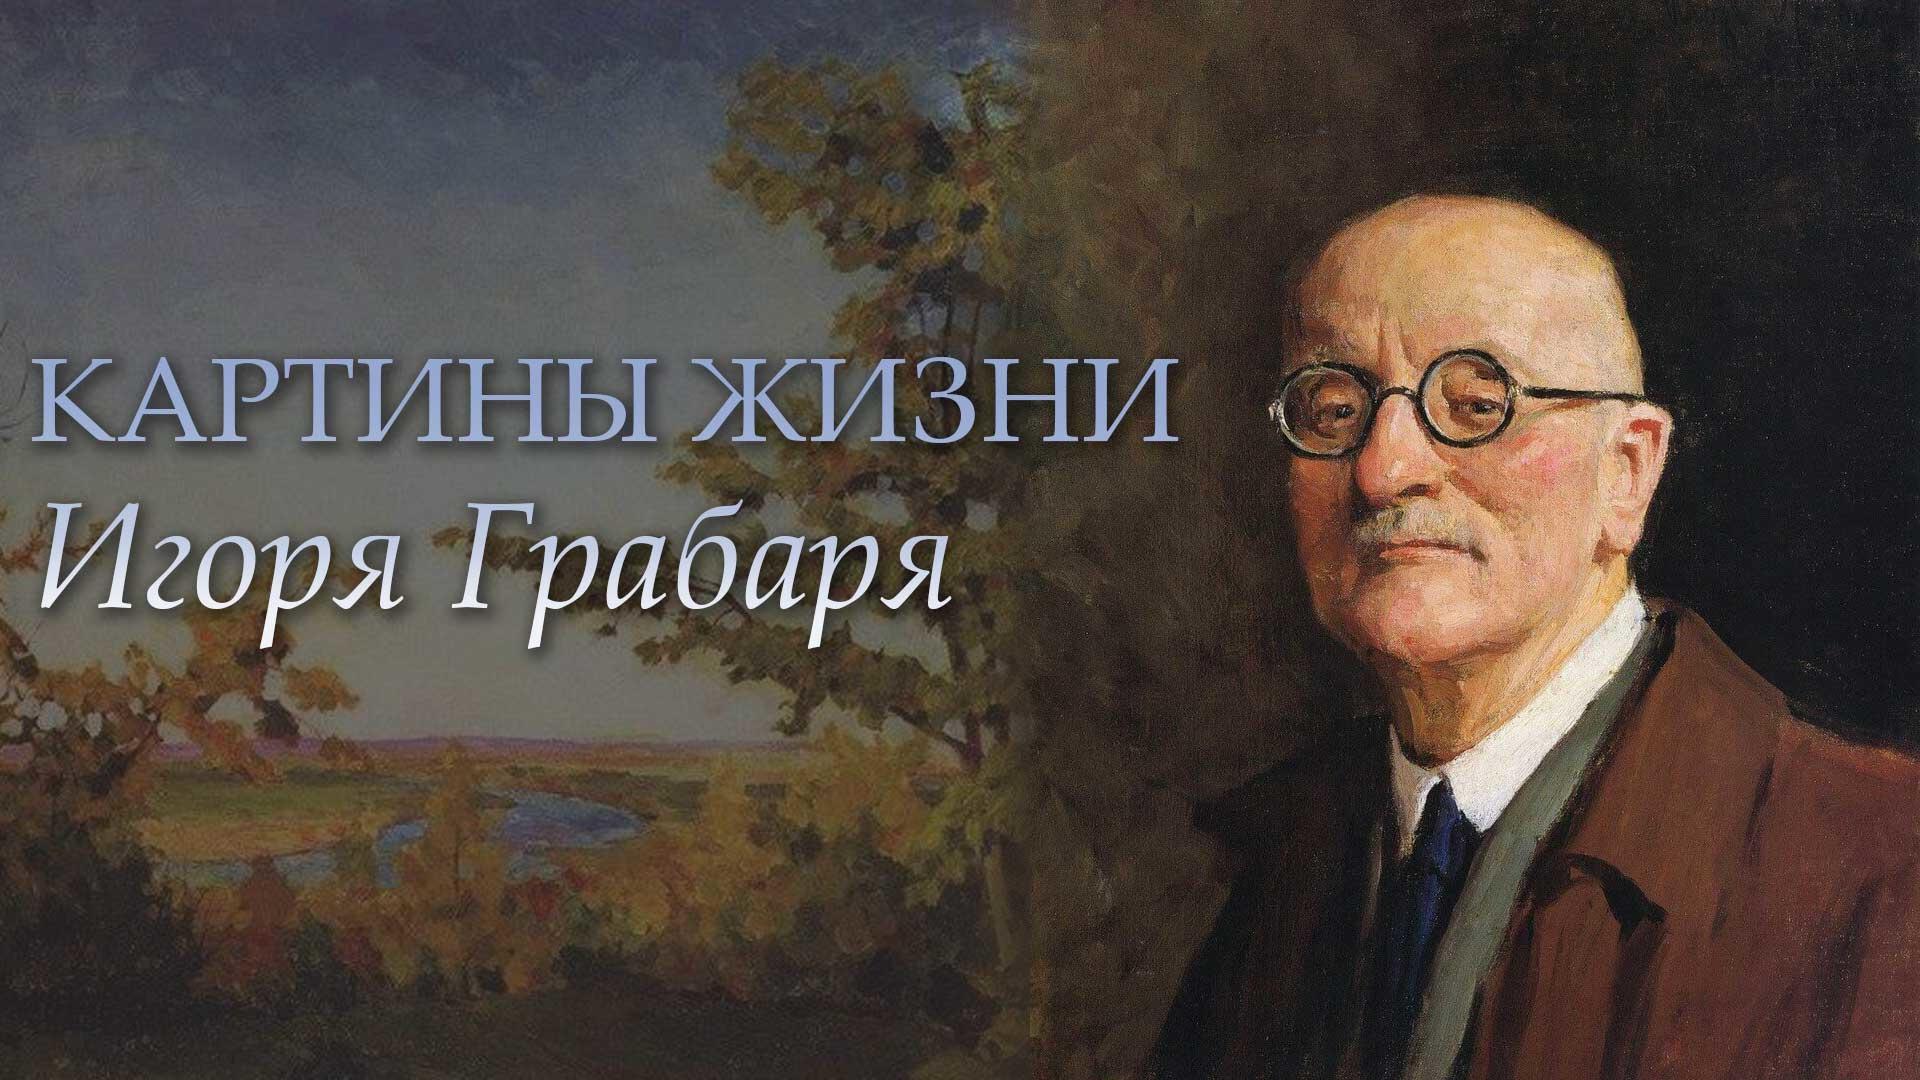 Картины жизни Игоря Грабаря